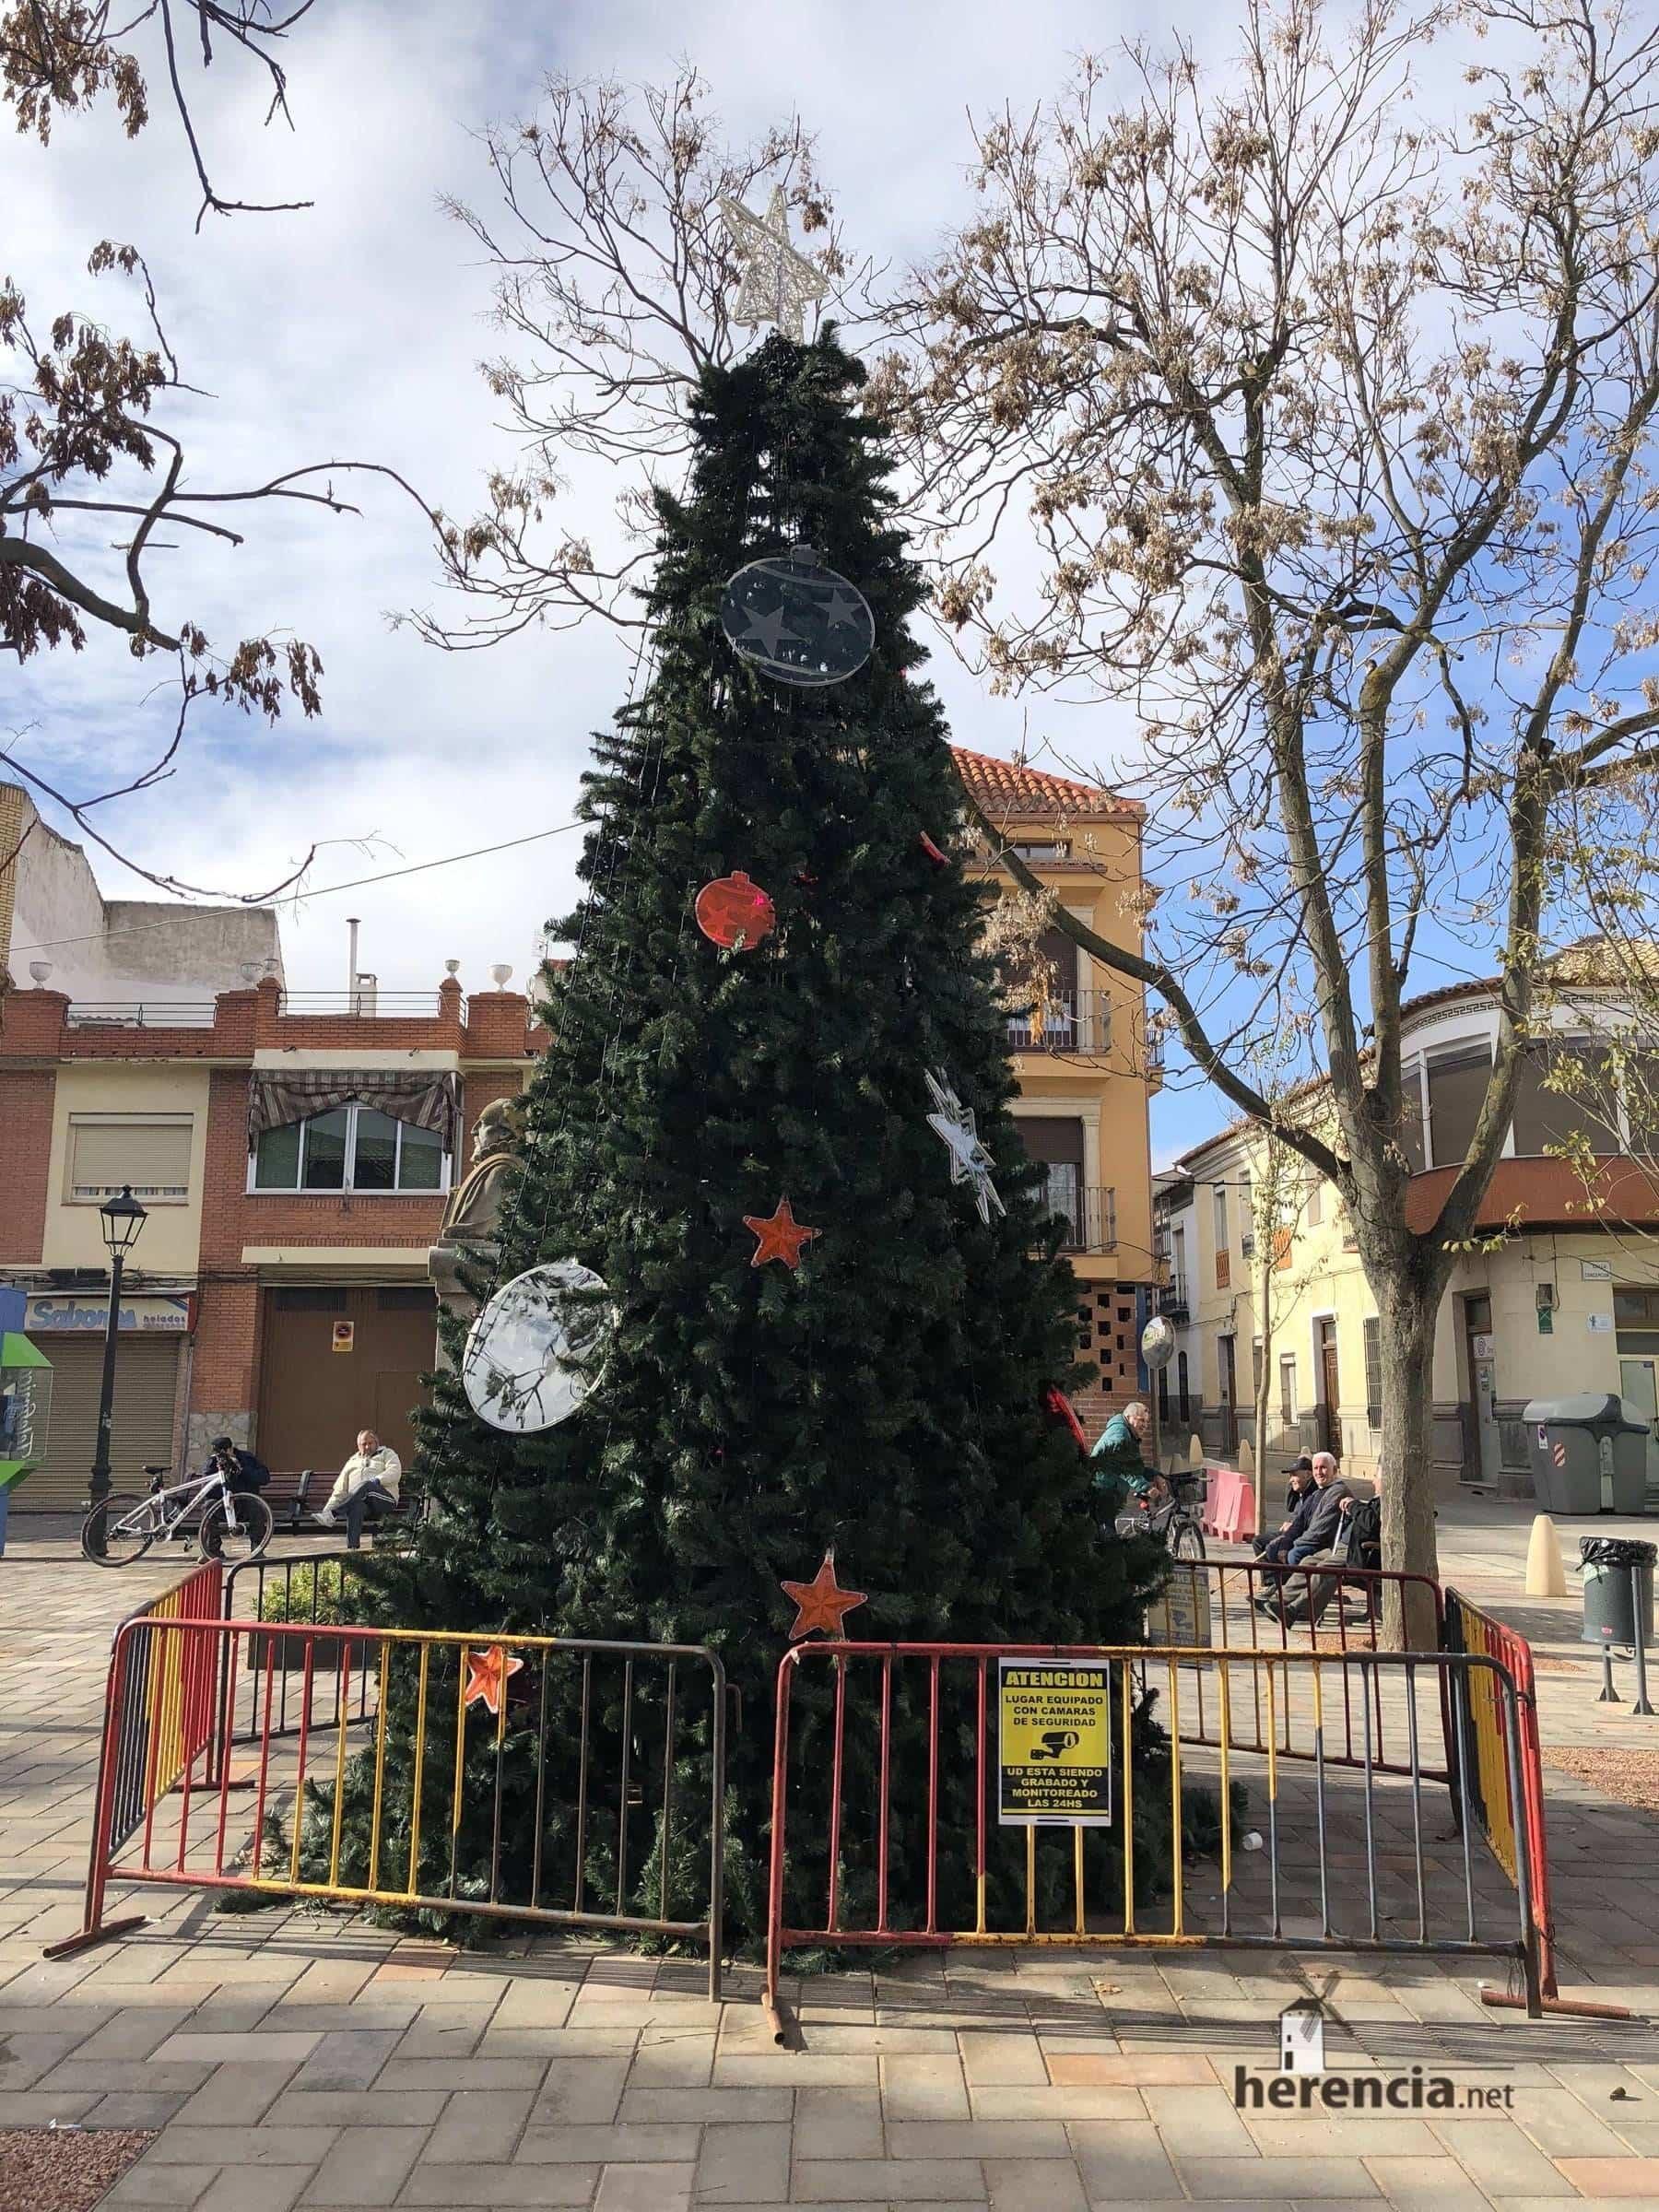 arbol de navidad herencia ciudad real 3 - La programación especial de navidad llena de luz e ilusión Herencia